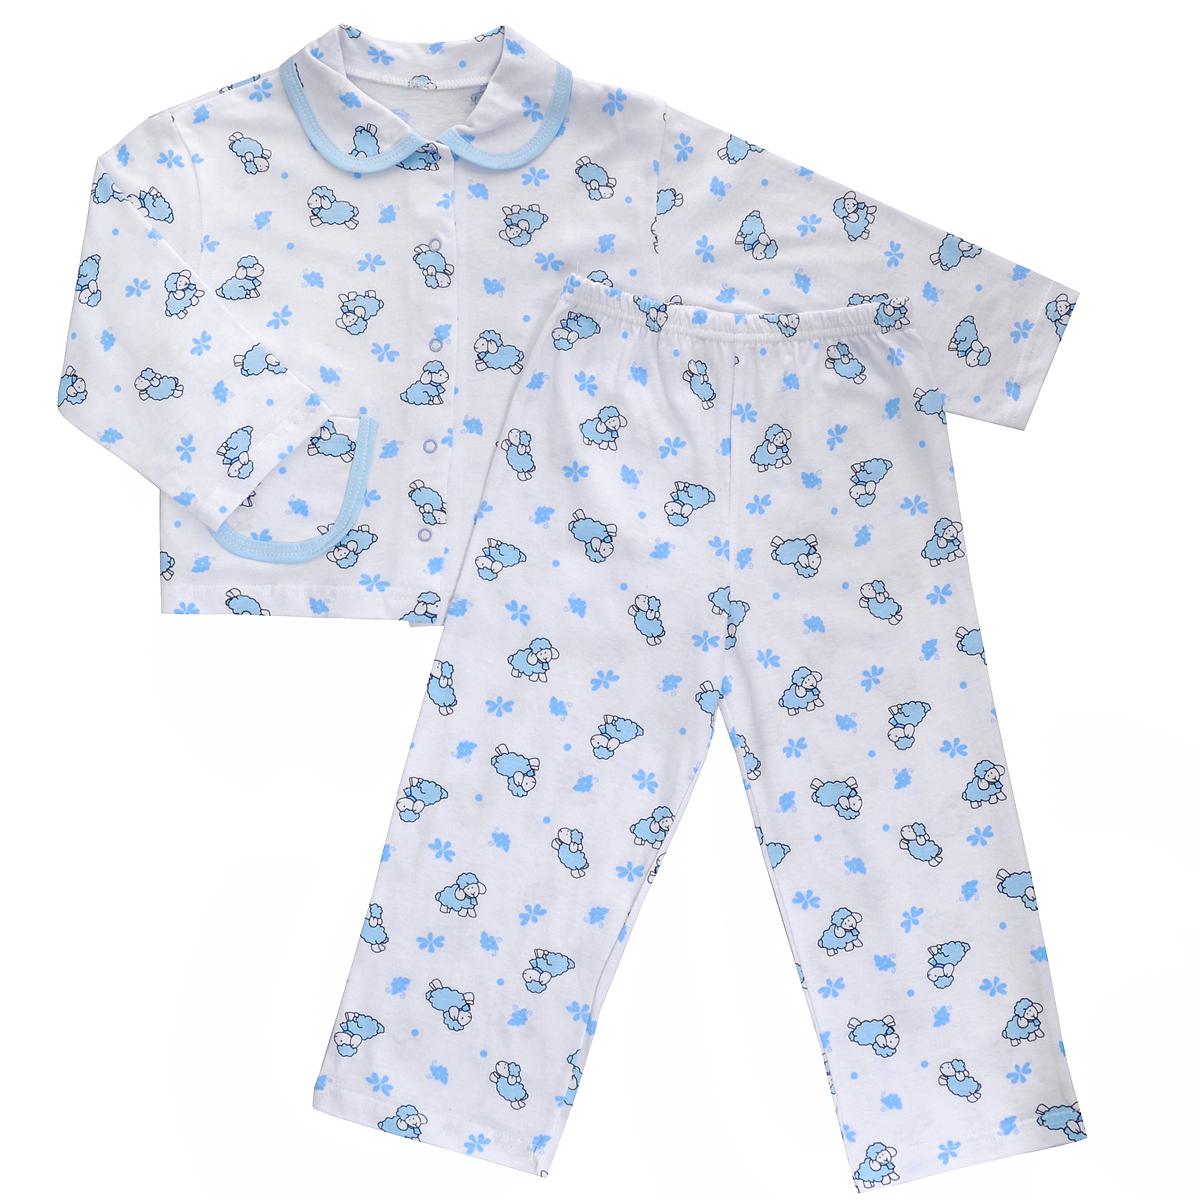 Пижама детская Трон-плюс, цвет: белый, голубой, рисунок барашки. 5562. Размер 80/86, 1-2 года